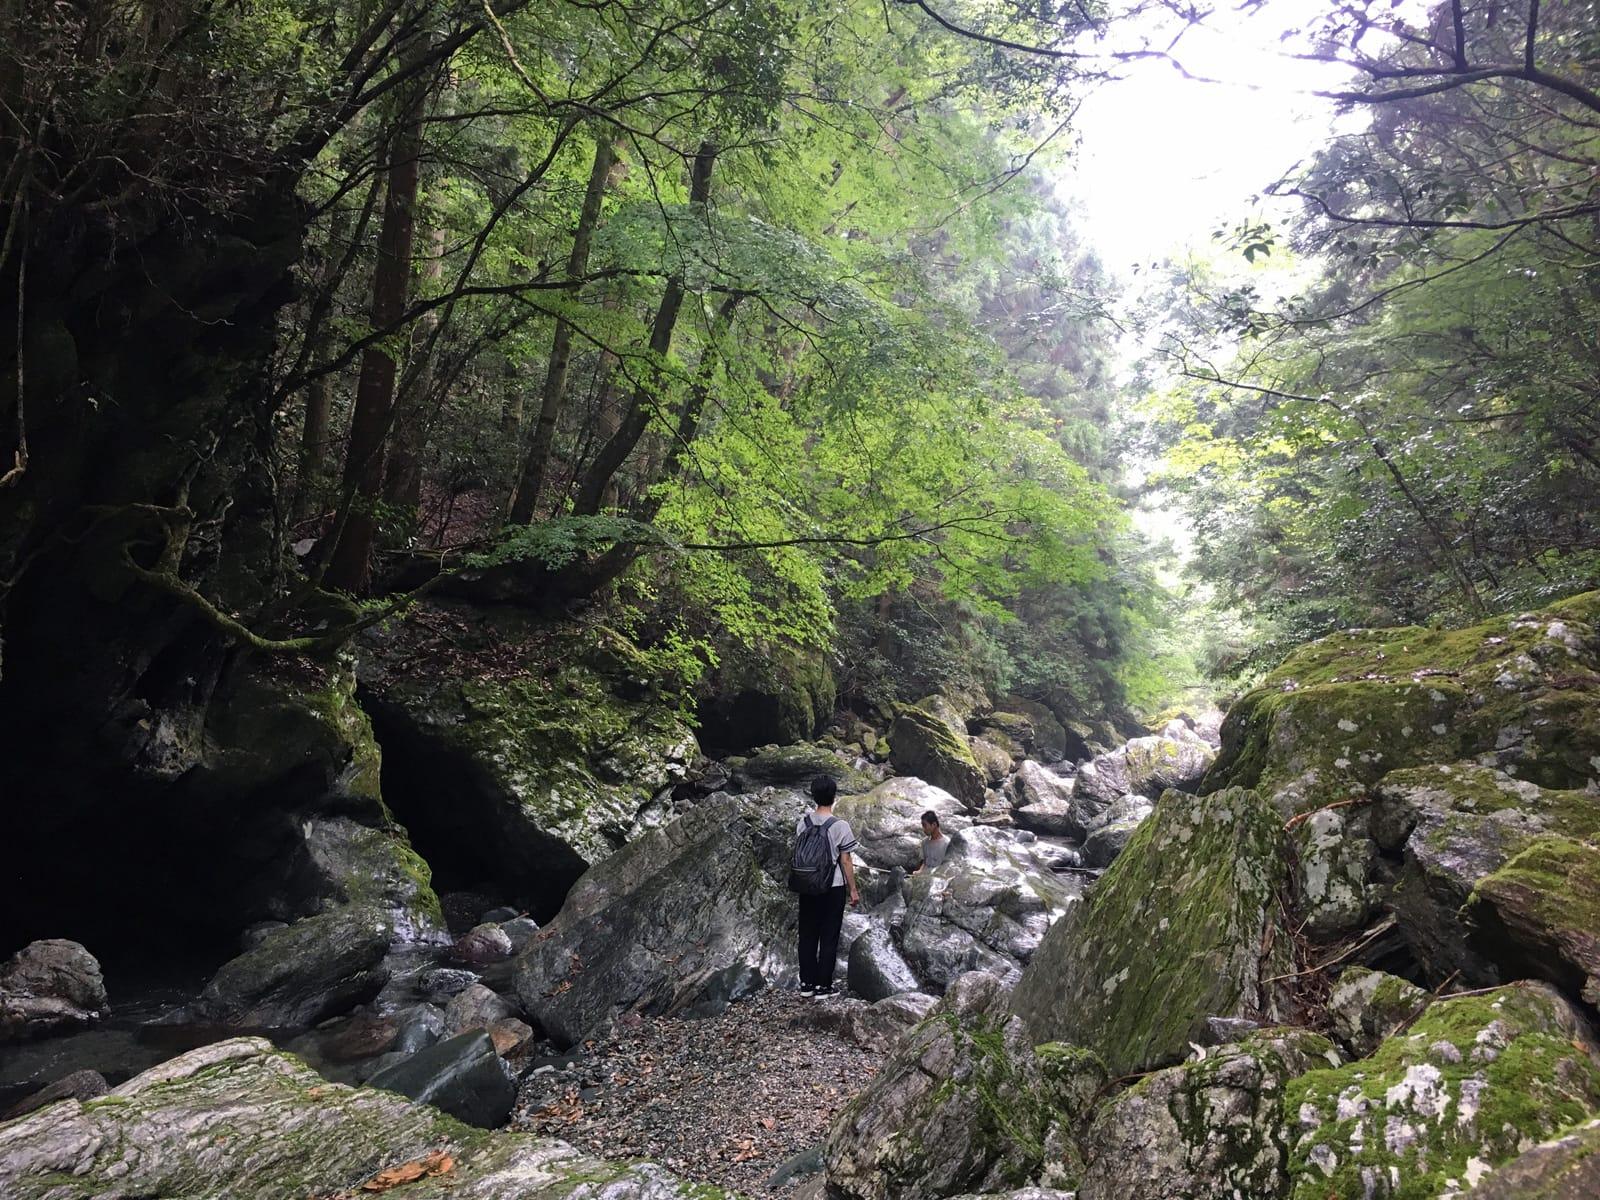 2daysでは、体験授業をしたり、卒業生と話したり、町の取り組みを見て回ったり。森山さんは「自然も堪能しなきゃ!」と川にも案内しました! (神山つなぐ公社提供)